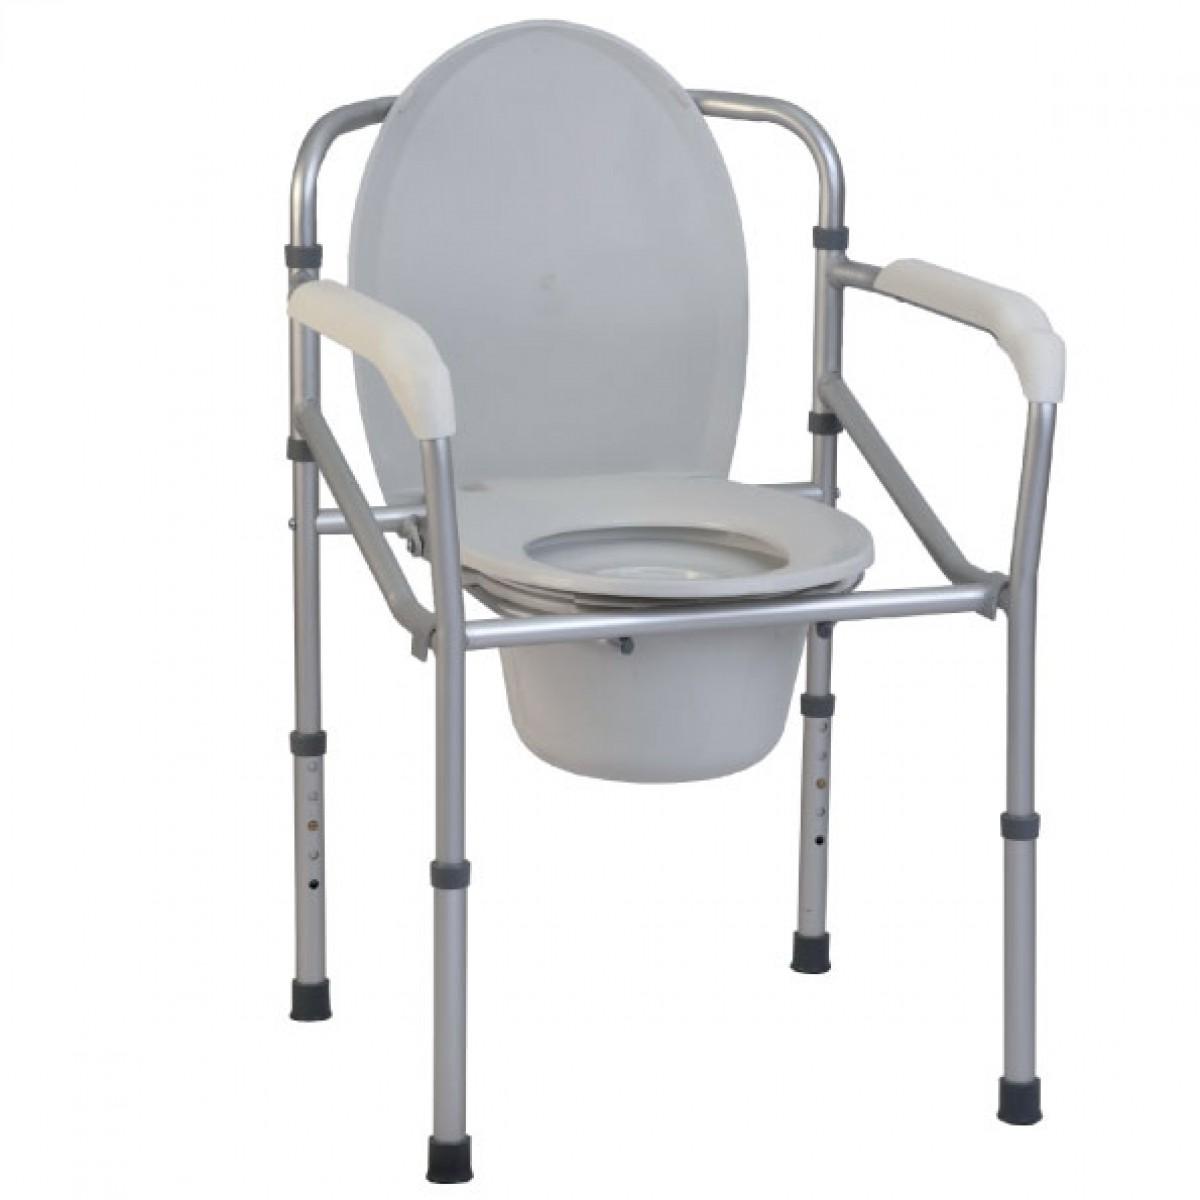 Sedia comoda con wc per disabili termigea ba33 pieghevole ebay - Sedia da bagno per disabili ...